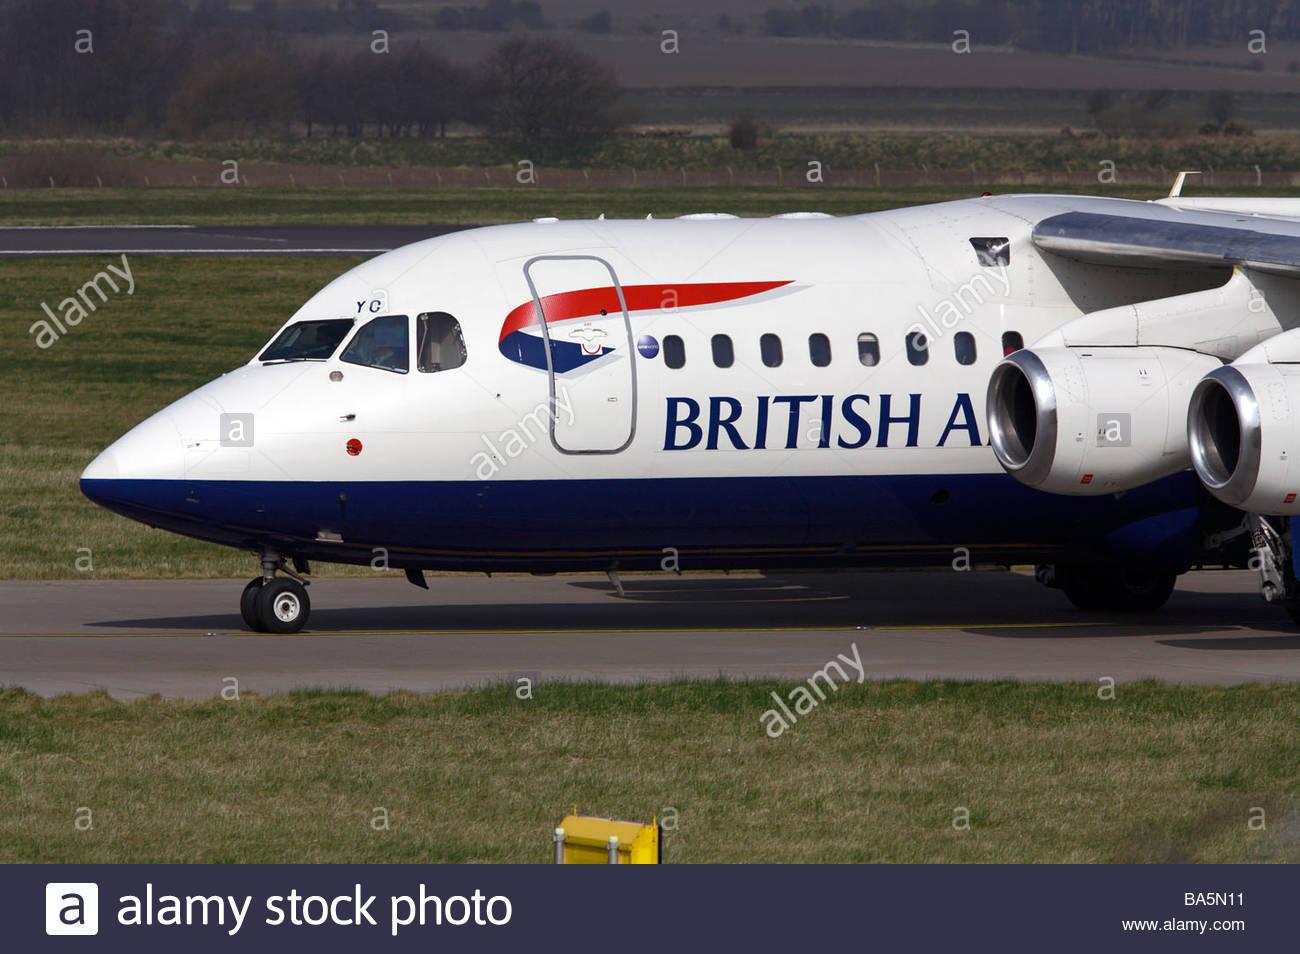 BA flight taxiing at airport Stock Photo